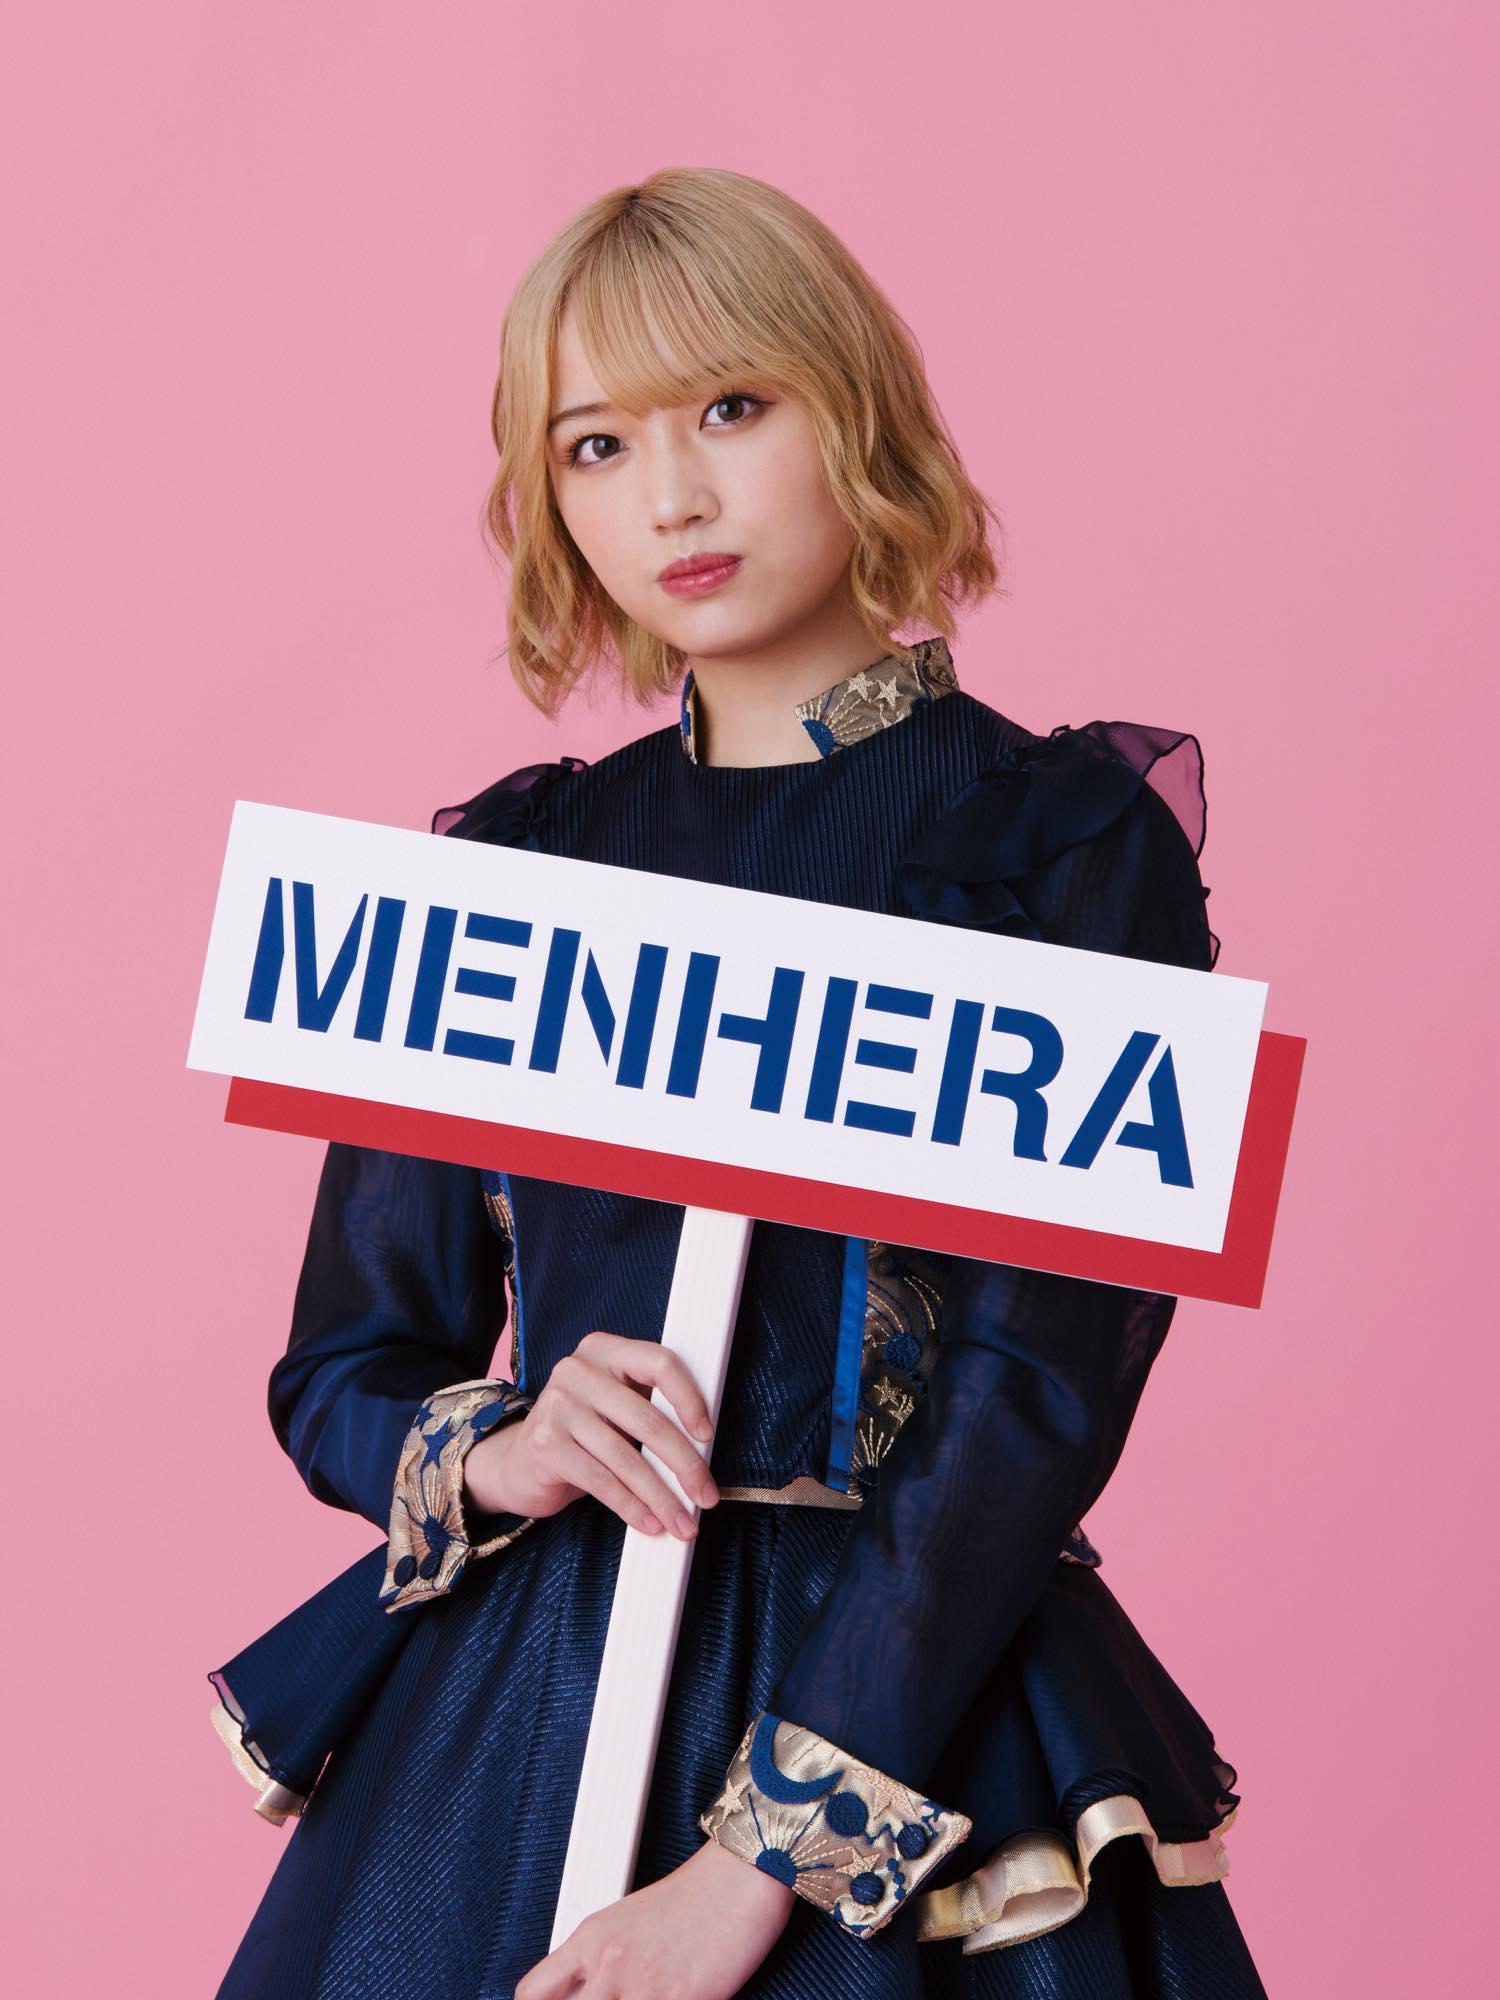 Aoi Mimo